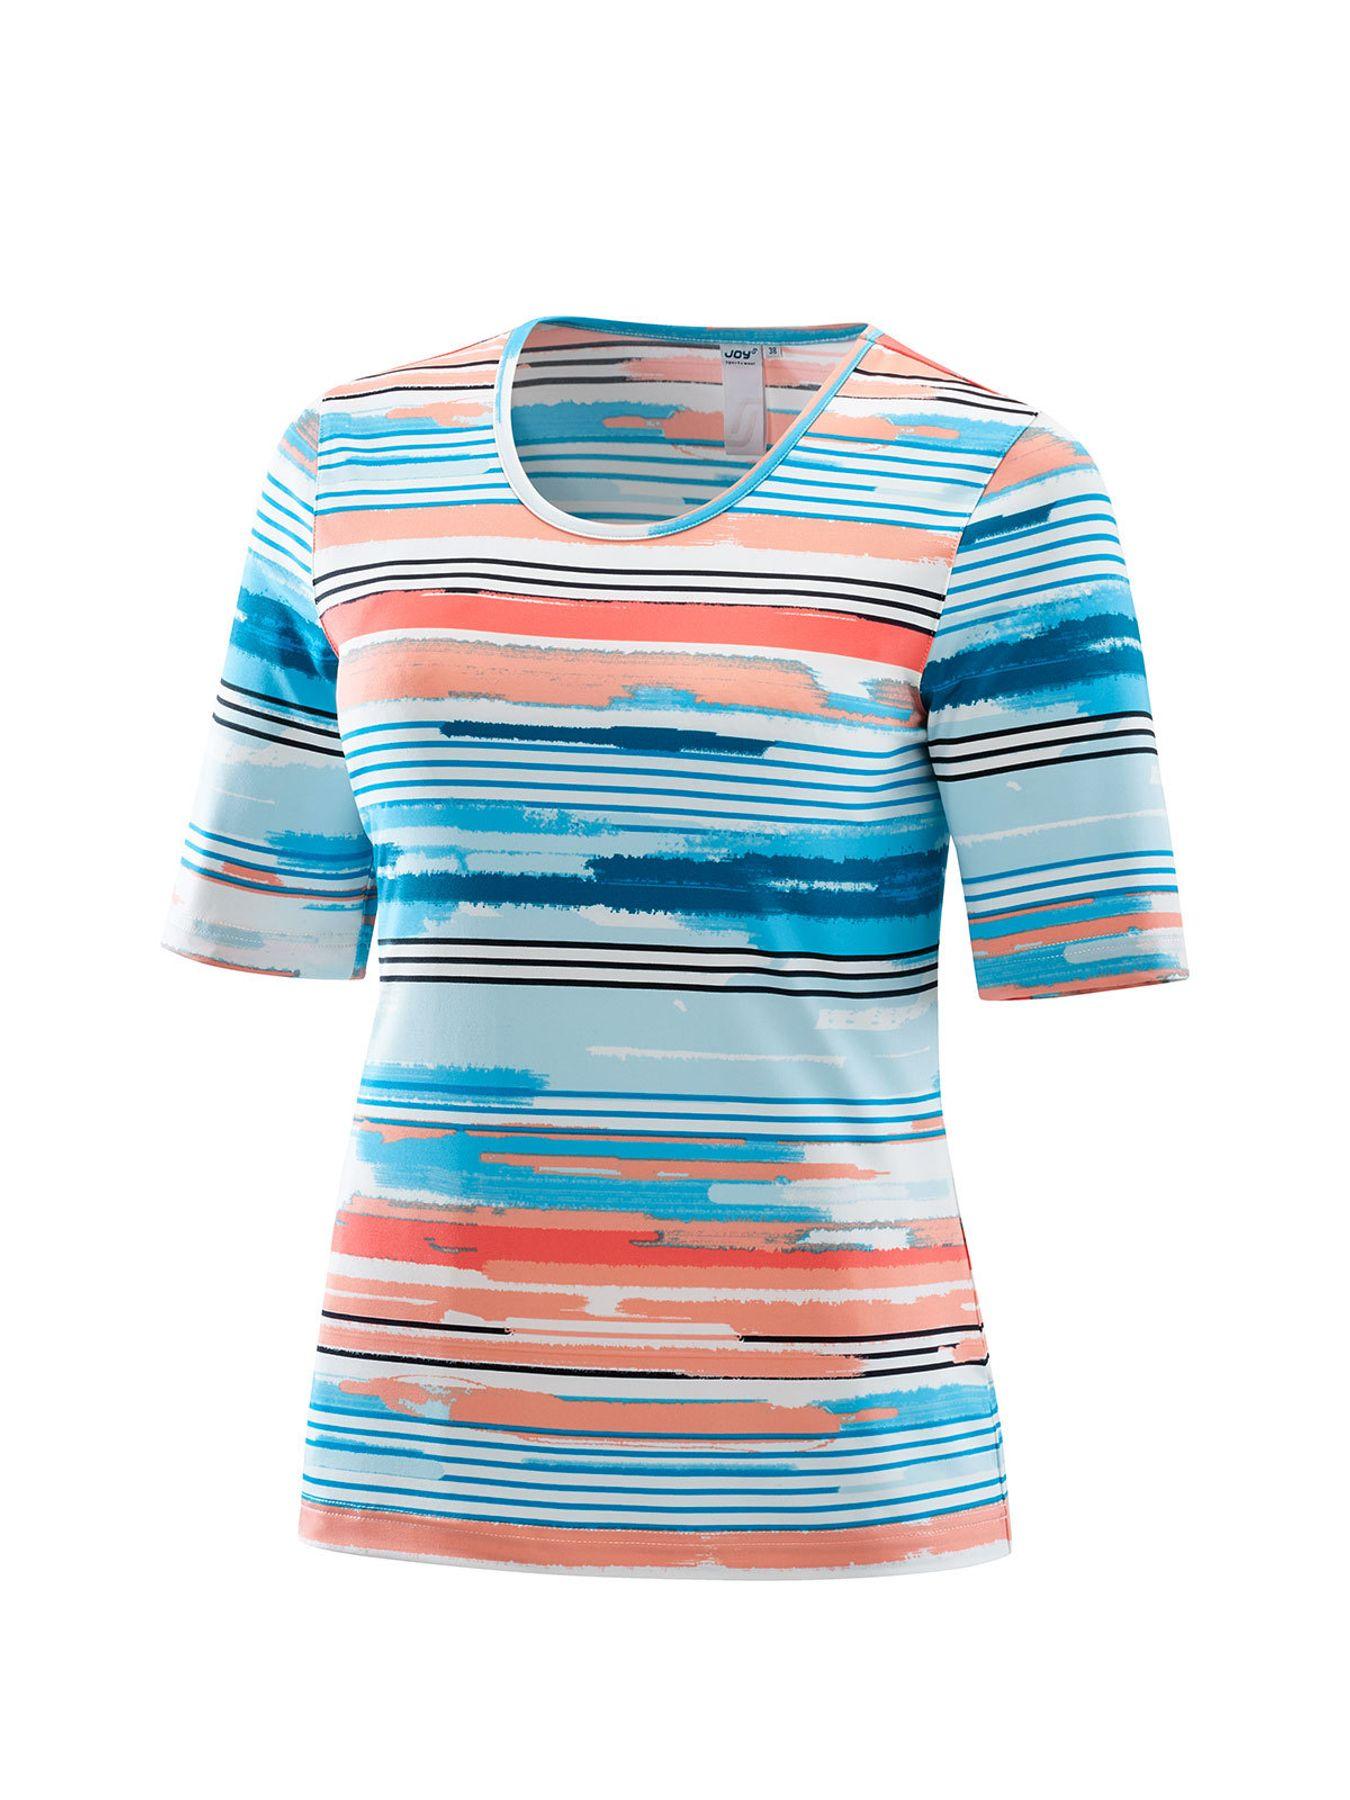 Joy - Damen Sport und Freizeit Shirt mit Streifen-Alloverprint, Alessa (30170A) – Bild 4